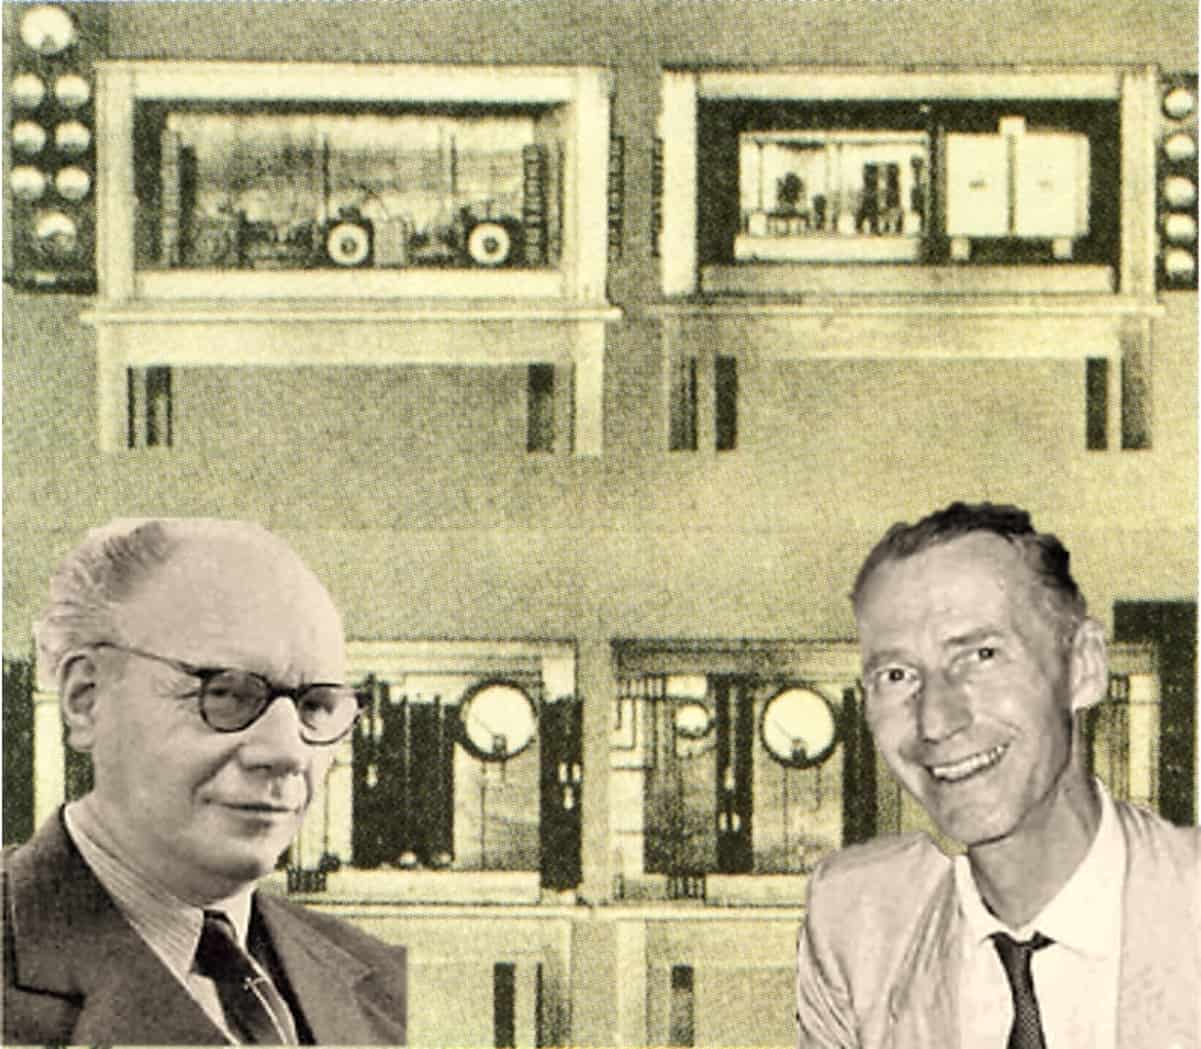 Deutsche Quarzuhr von 1934 von Adolf Scheibe und Udo Adelsberger